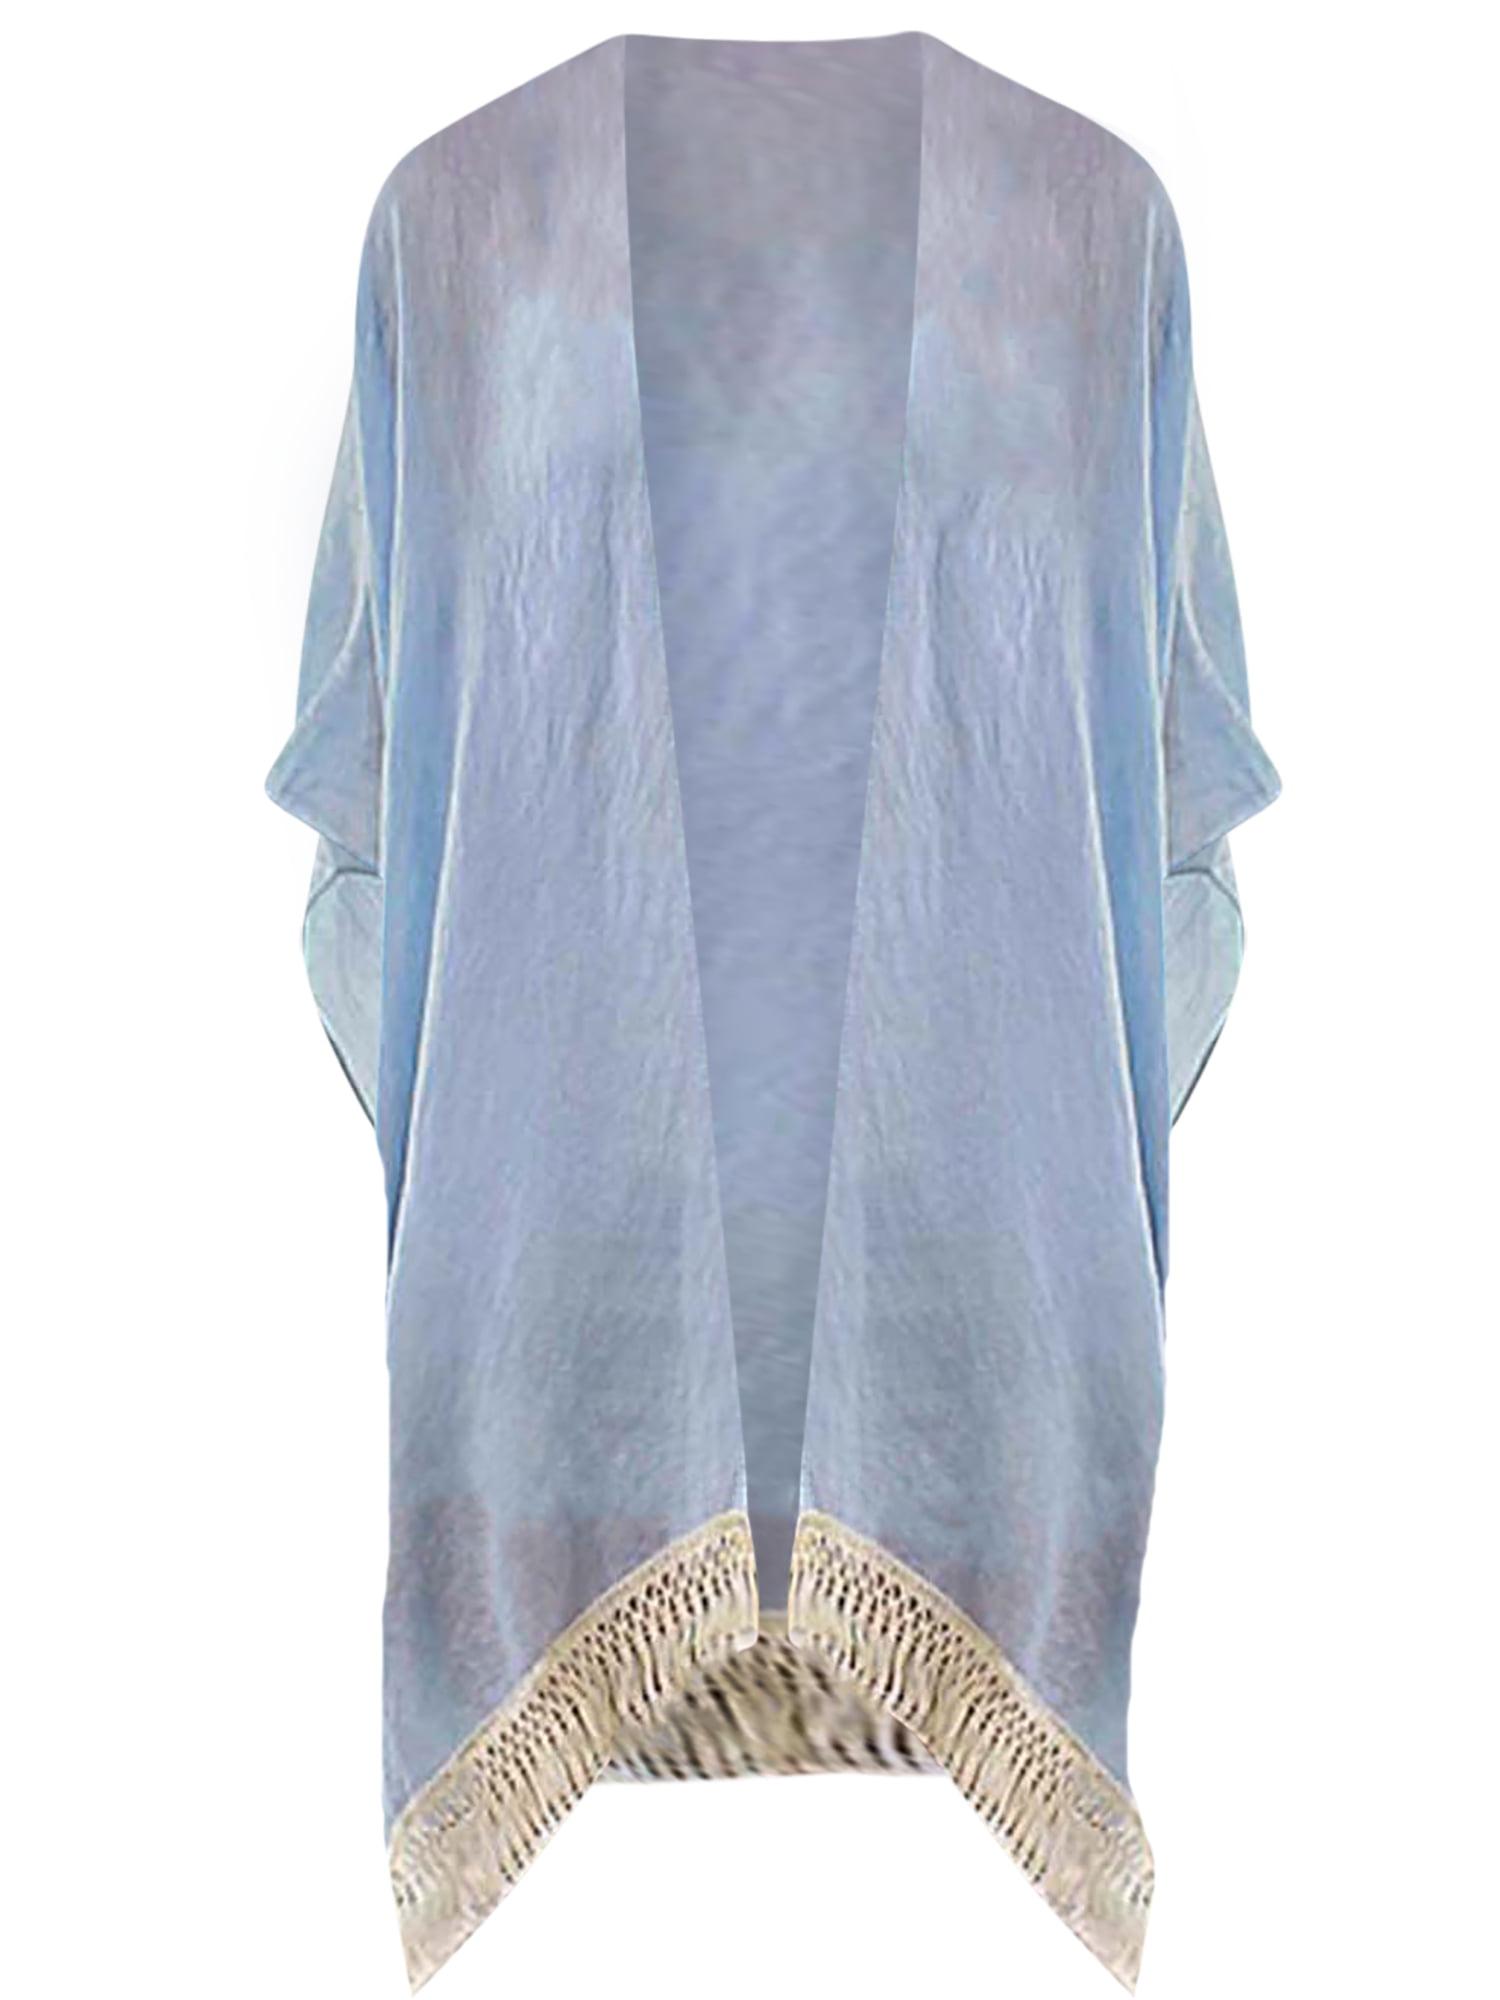 Luxury Divas Aqua Blue Lightweight Sheer Kimono With Crochet Trim Walmart Com Walmart Com